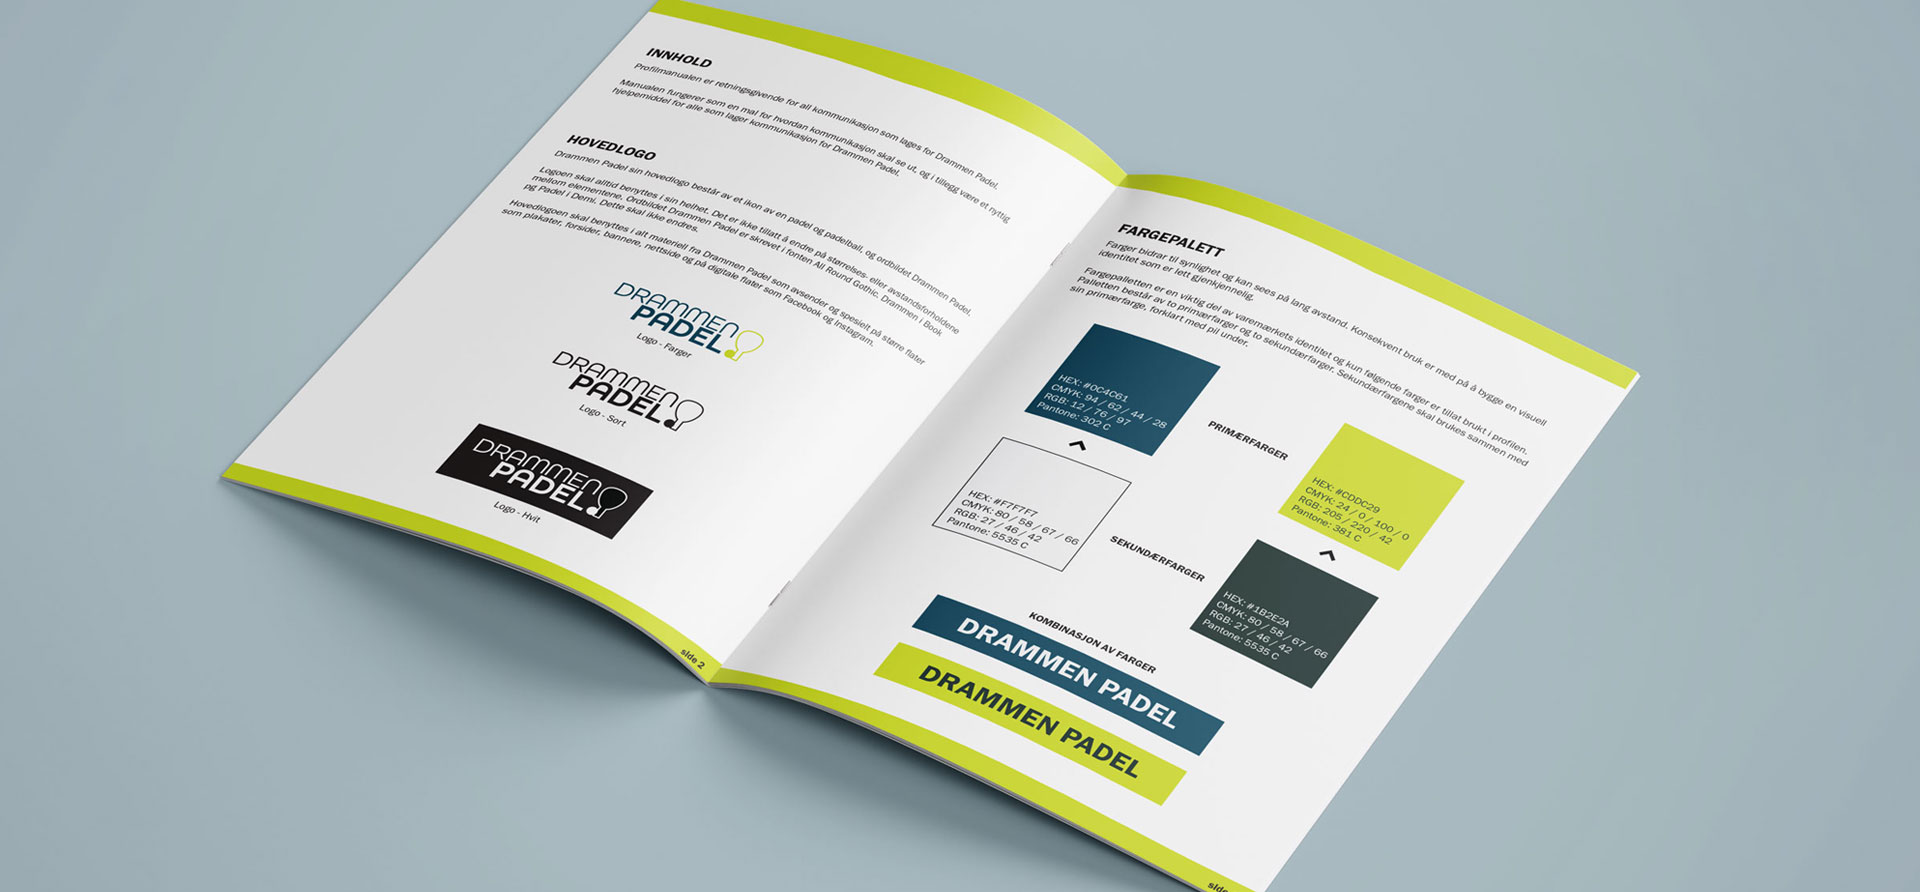 Design og bedriftsidentitet for Drammen Padel